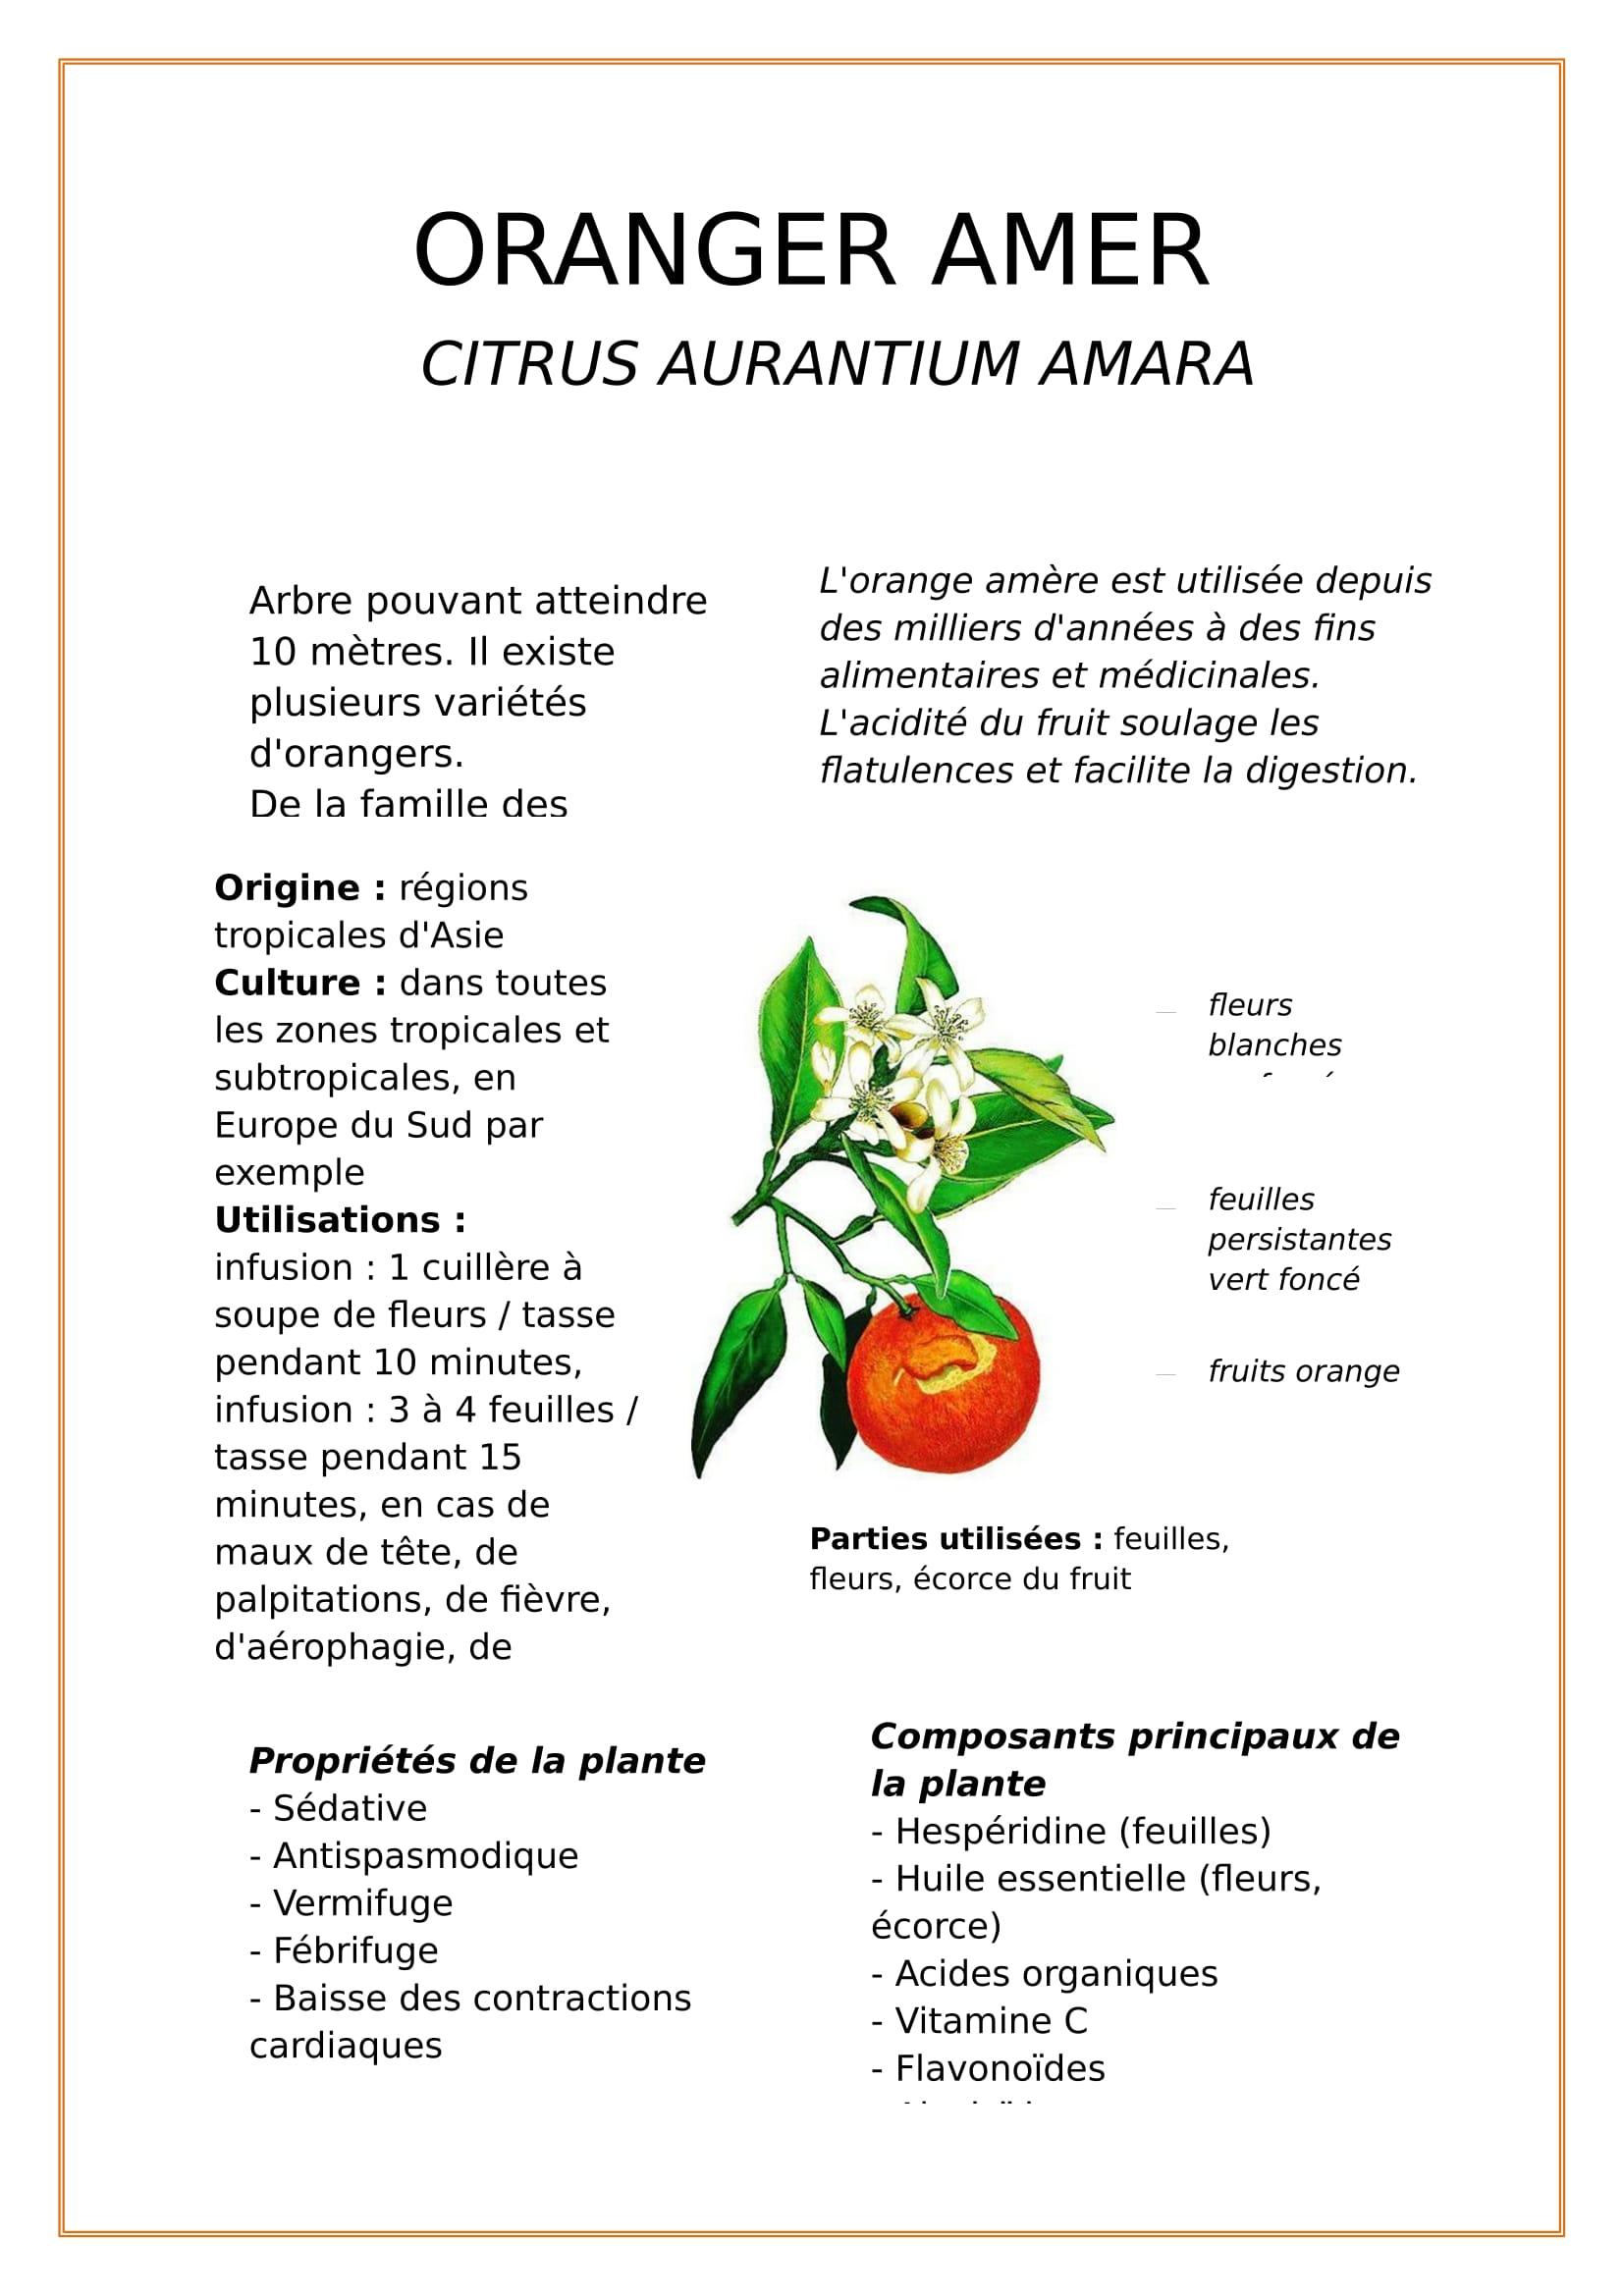 Oranger amer-1